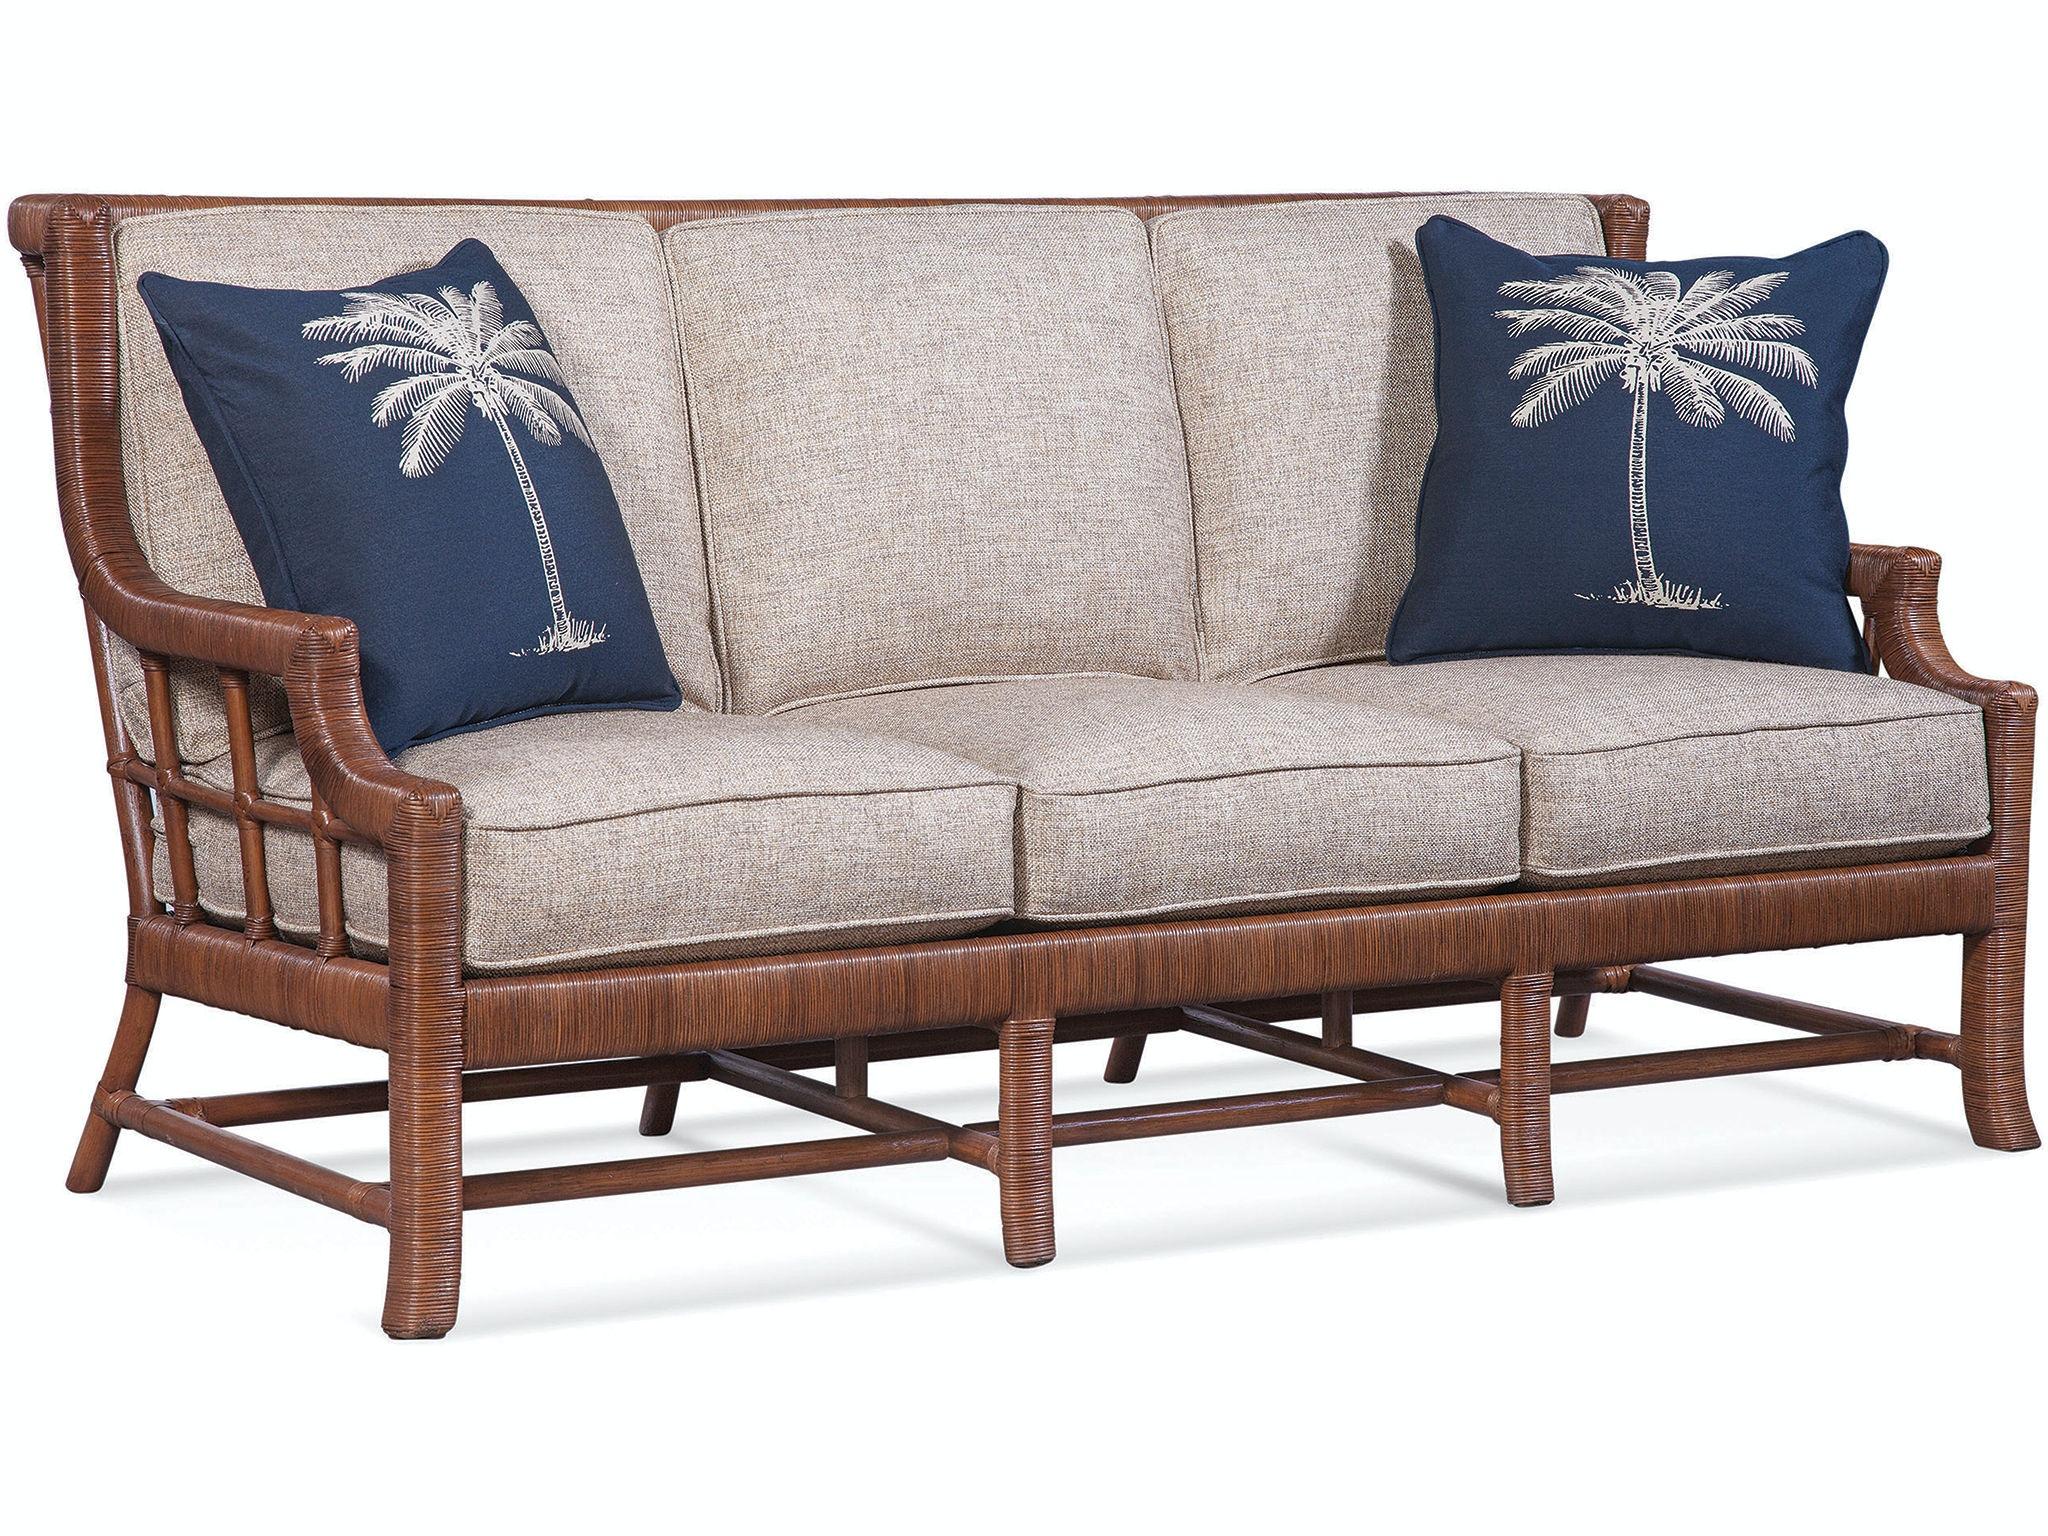 Braxton Culler Three Cushion Sofa 1007 011